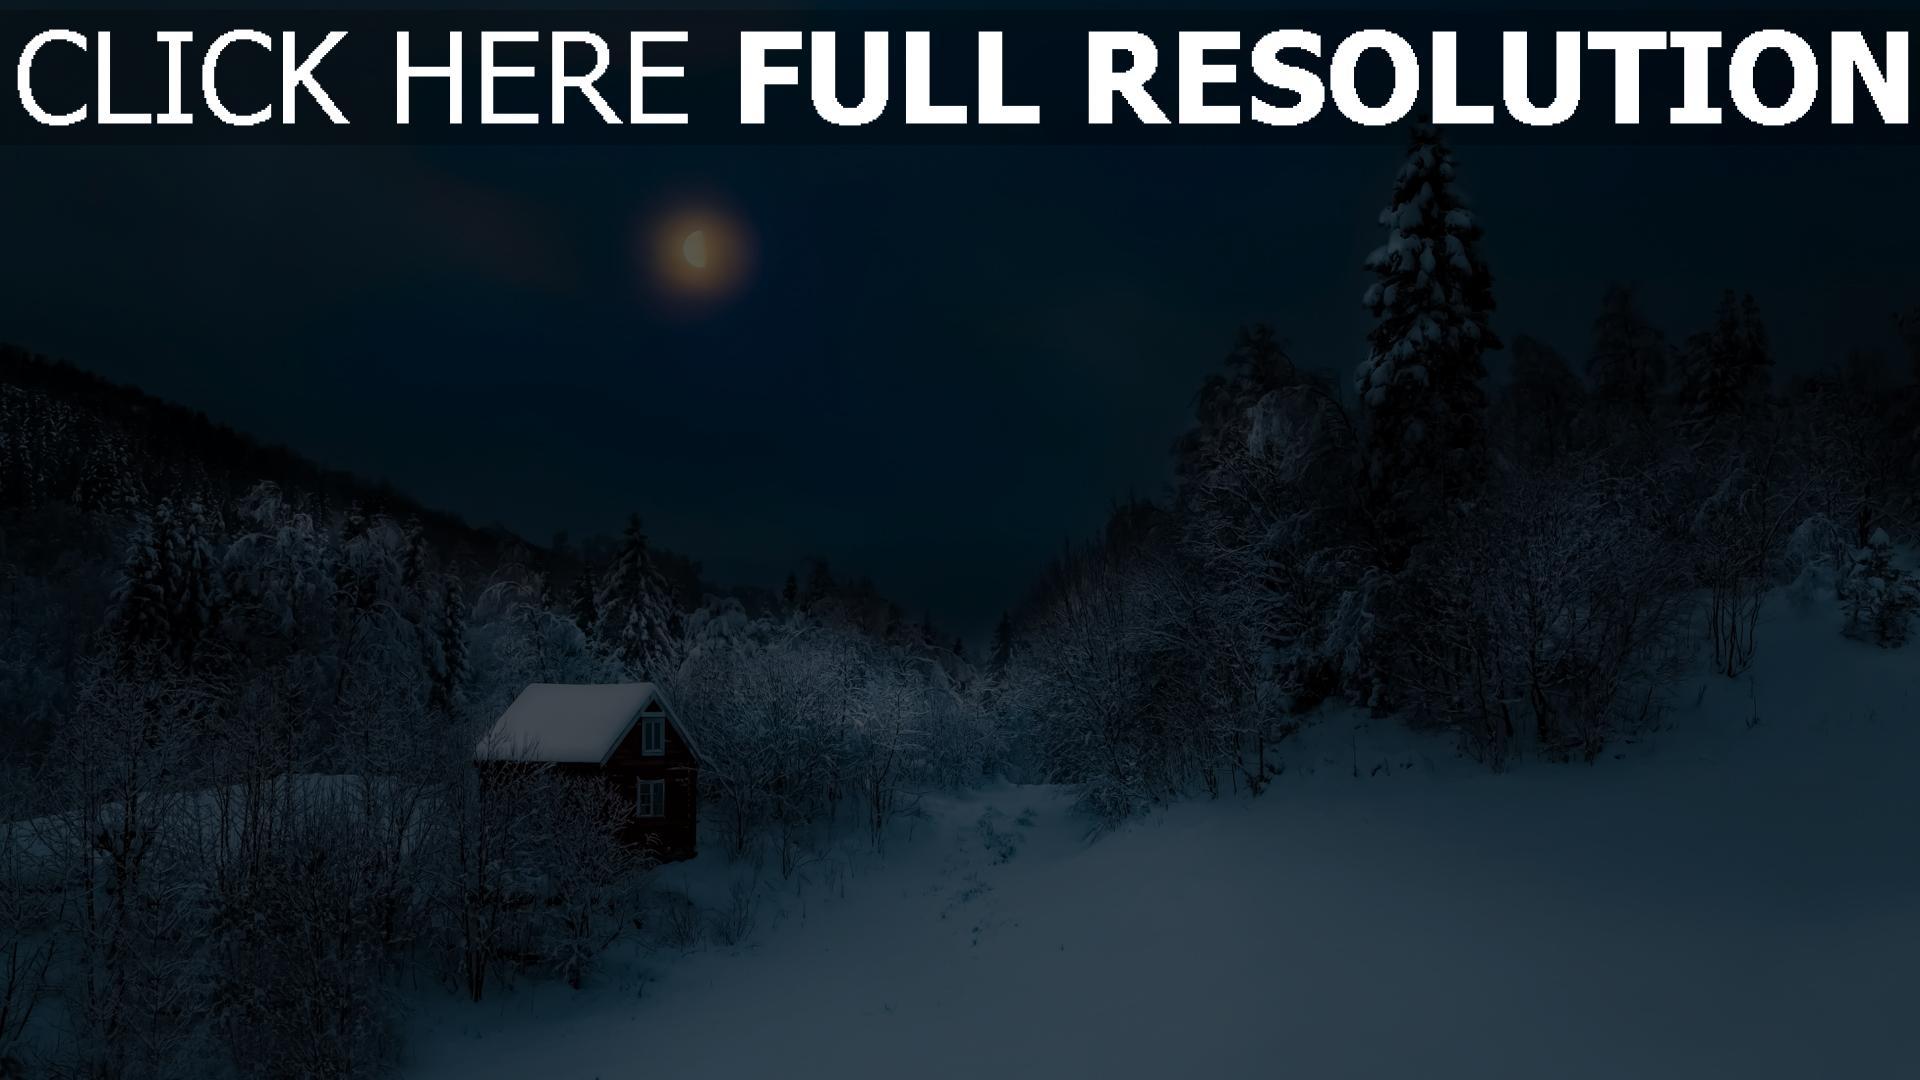 Hd Hintergrundbilder Schnee Winter Haus Wald B 228 Ume Mond